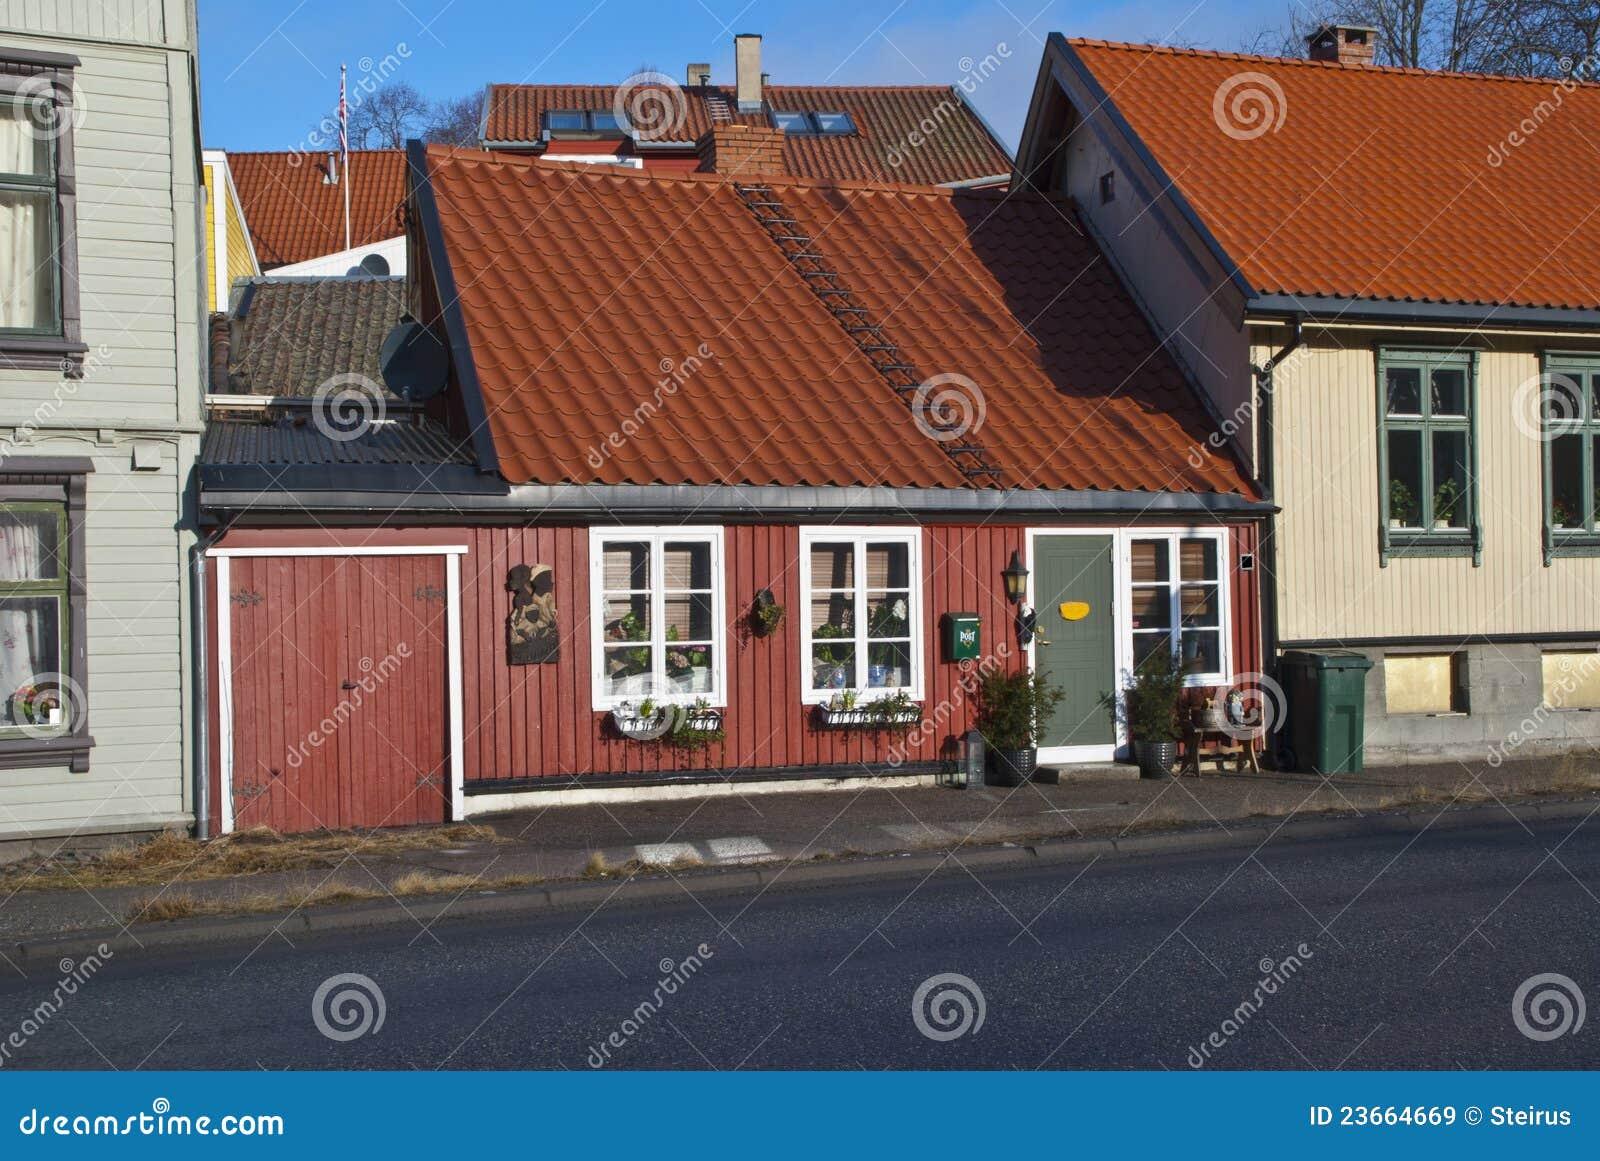 Peque as casas de madera viejas y acogedoras en halden - Casa pequena de madera ...